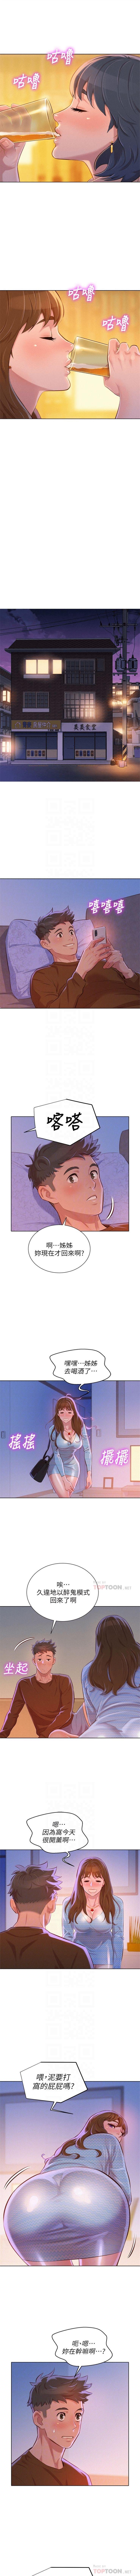 (周7)漂亮干姐姐  1-81 中文翻译 (更新中) 371